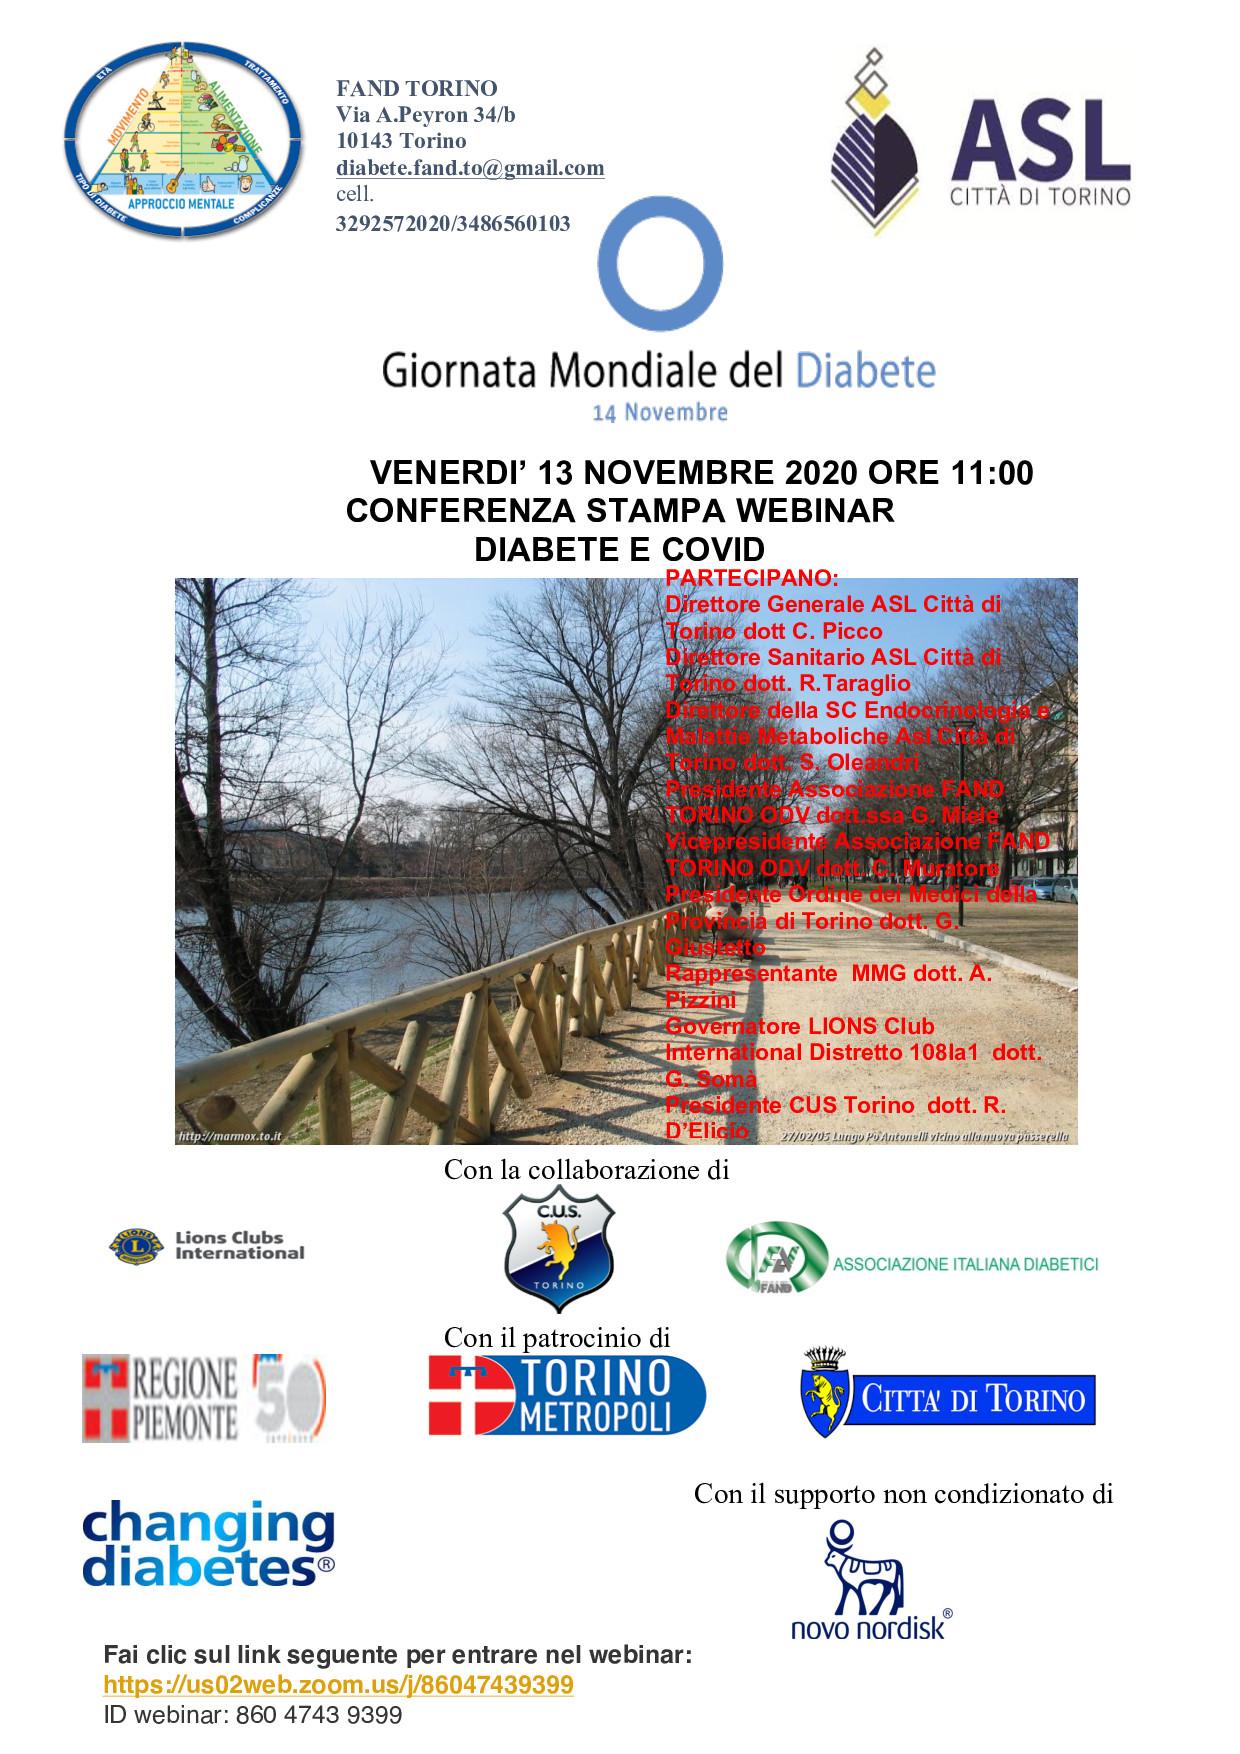 GMD Torino : Diabete e Covid